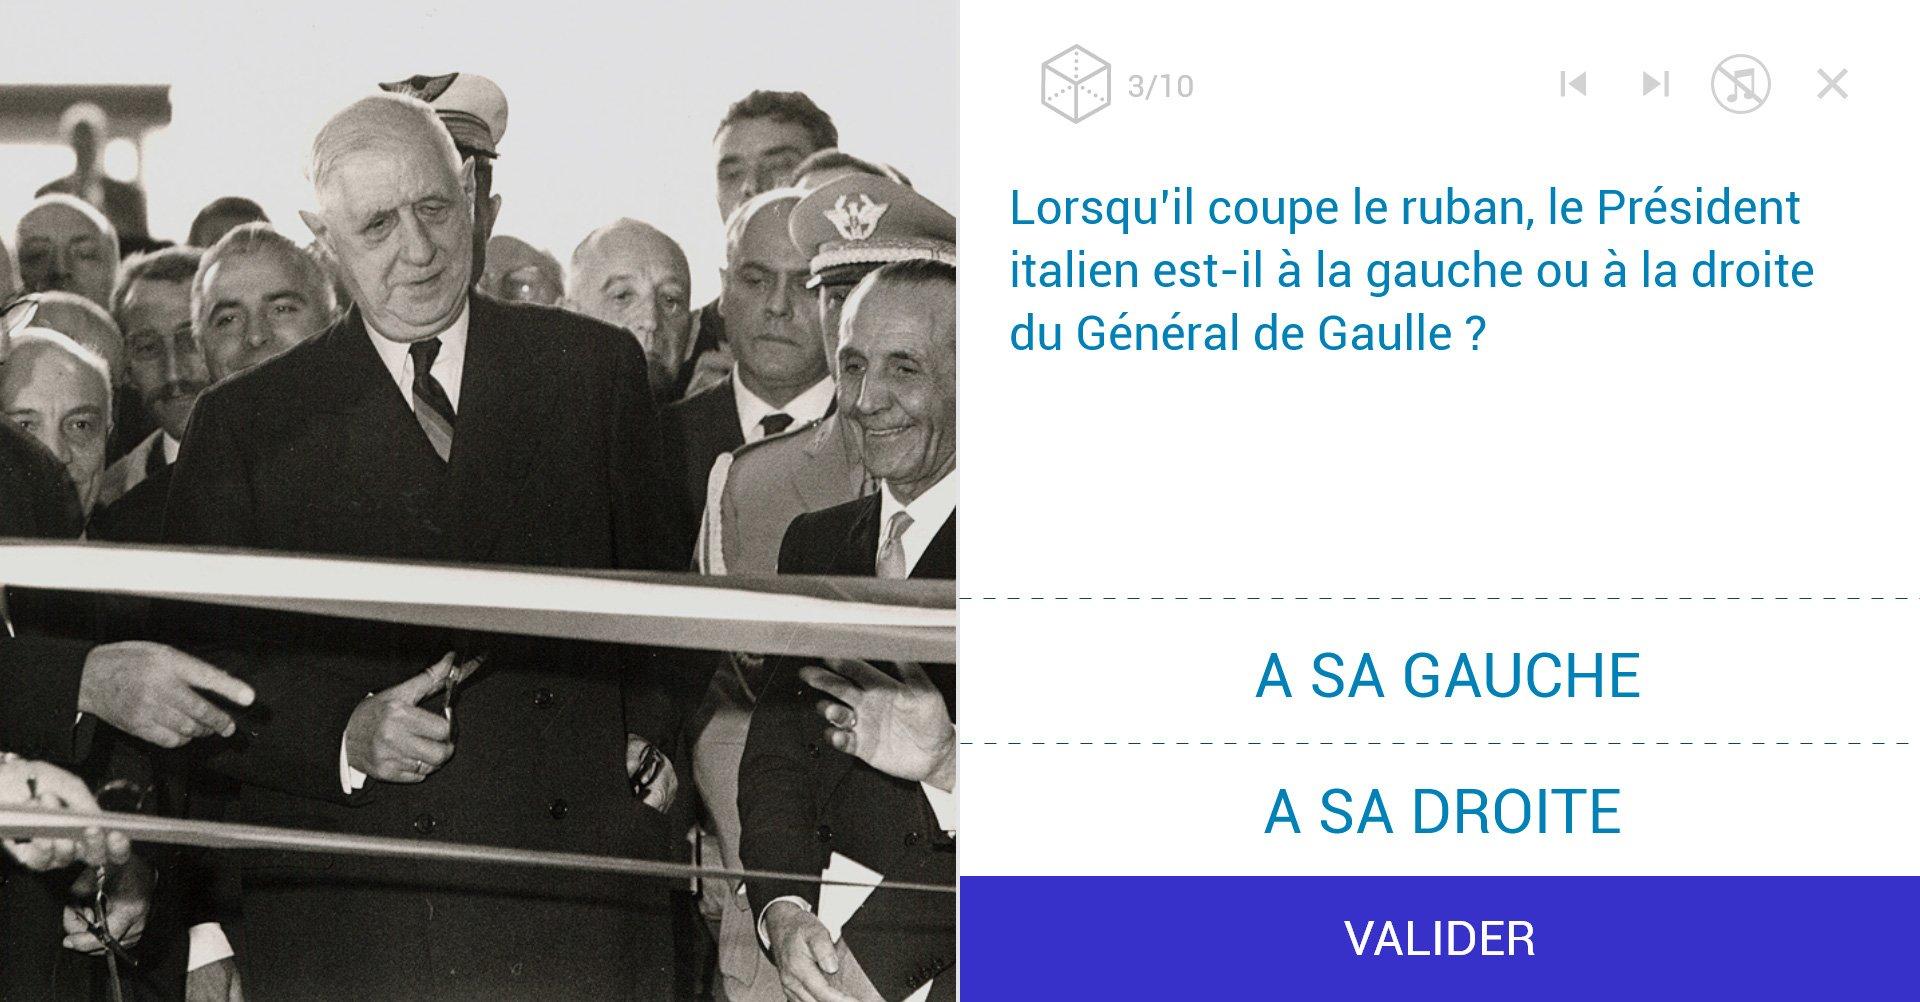 TVneurones Le Grand Jeu : logiciel qui utilise les archives vidéos de l'INA pour la stimuler les capacités cognitives des personnes âgées - exemple activité module visuo spatial avec De Gaulle